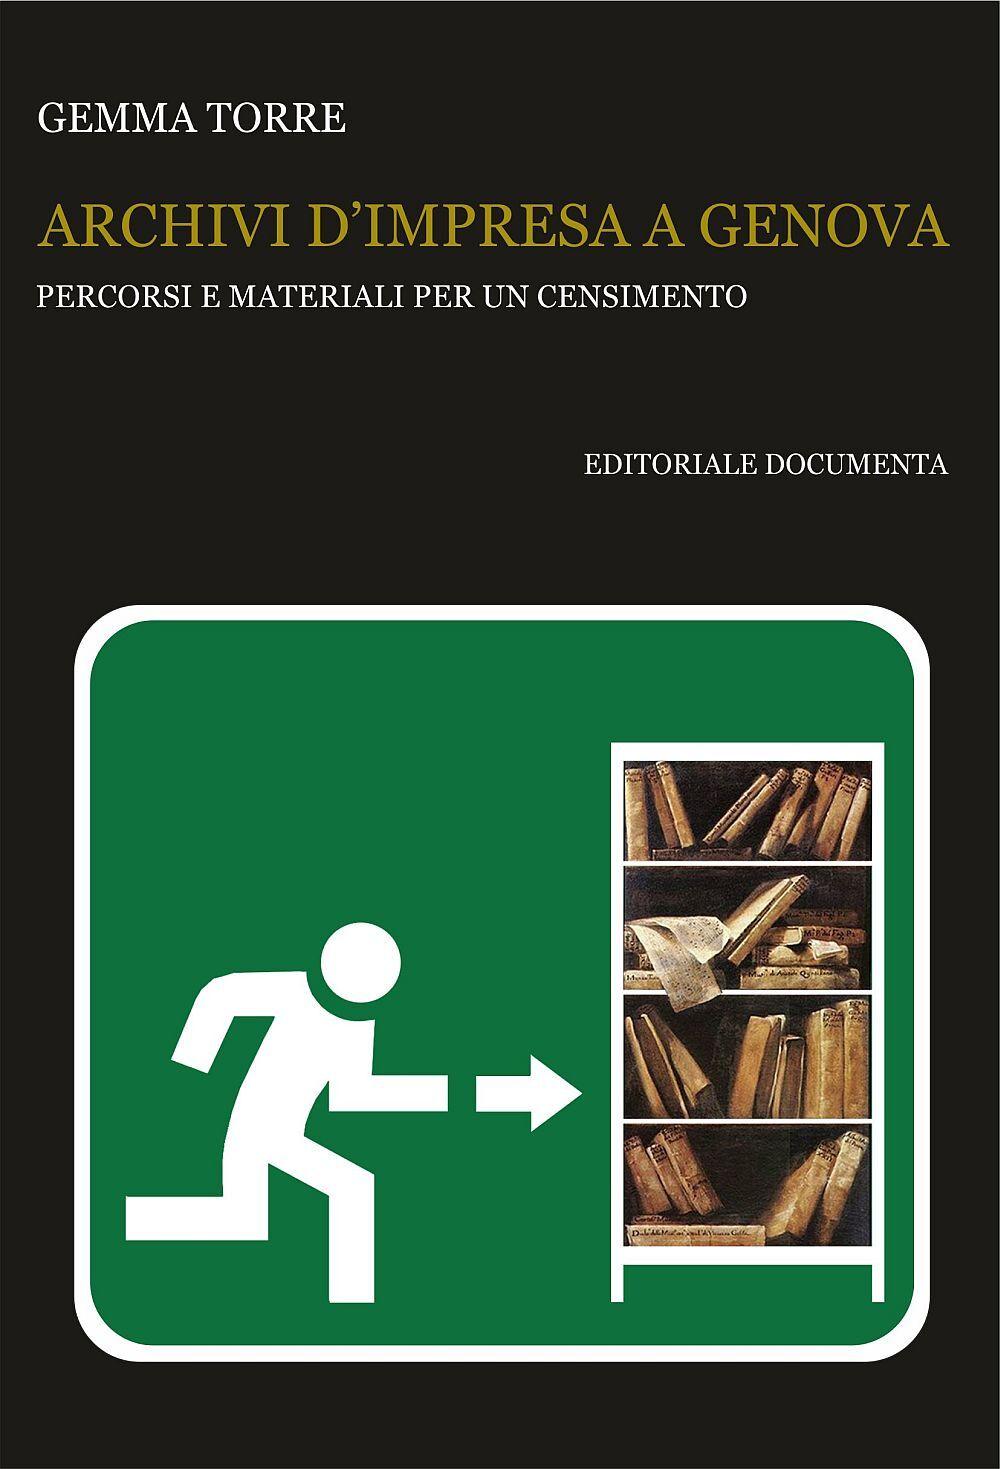 Archivi d'impresa a Genova. Percorsi e materiali per un censimento